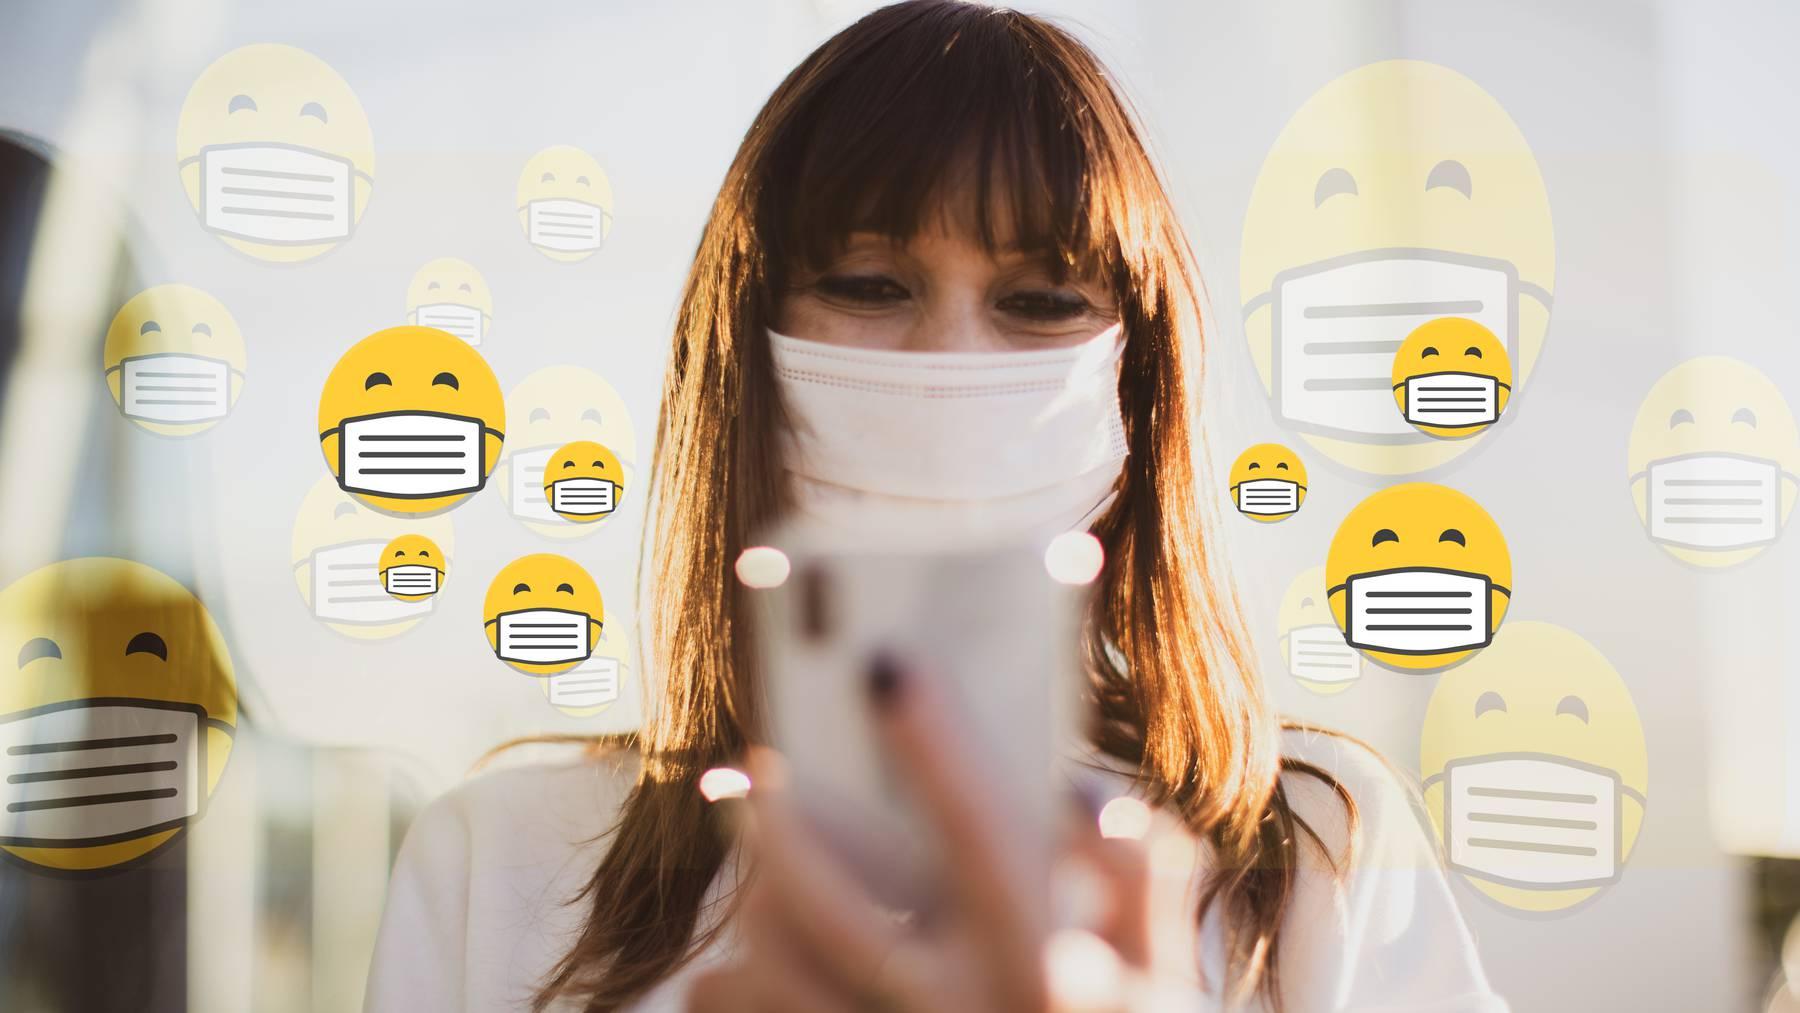 Gesichtsmaske Emoji